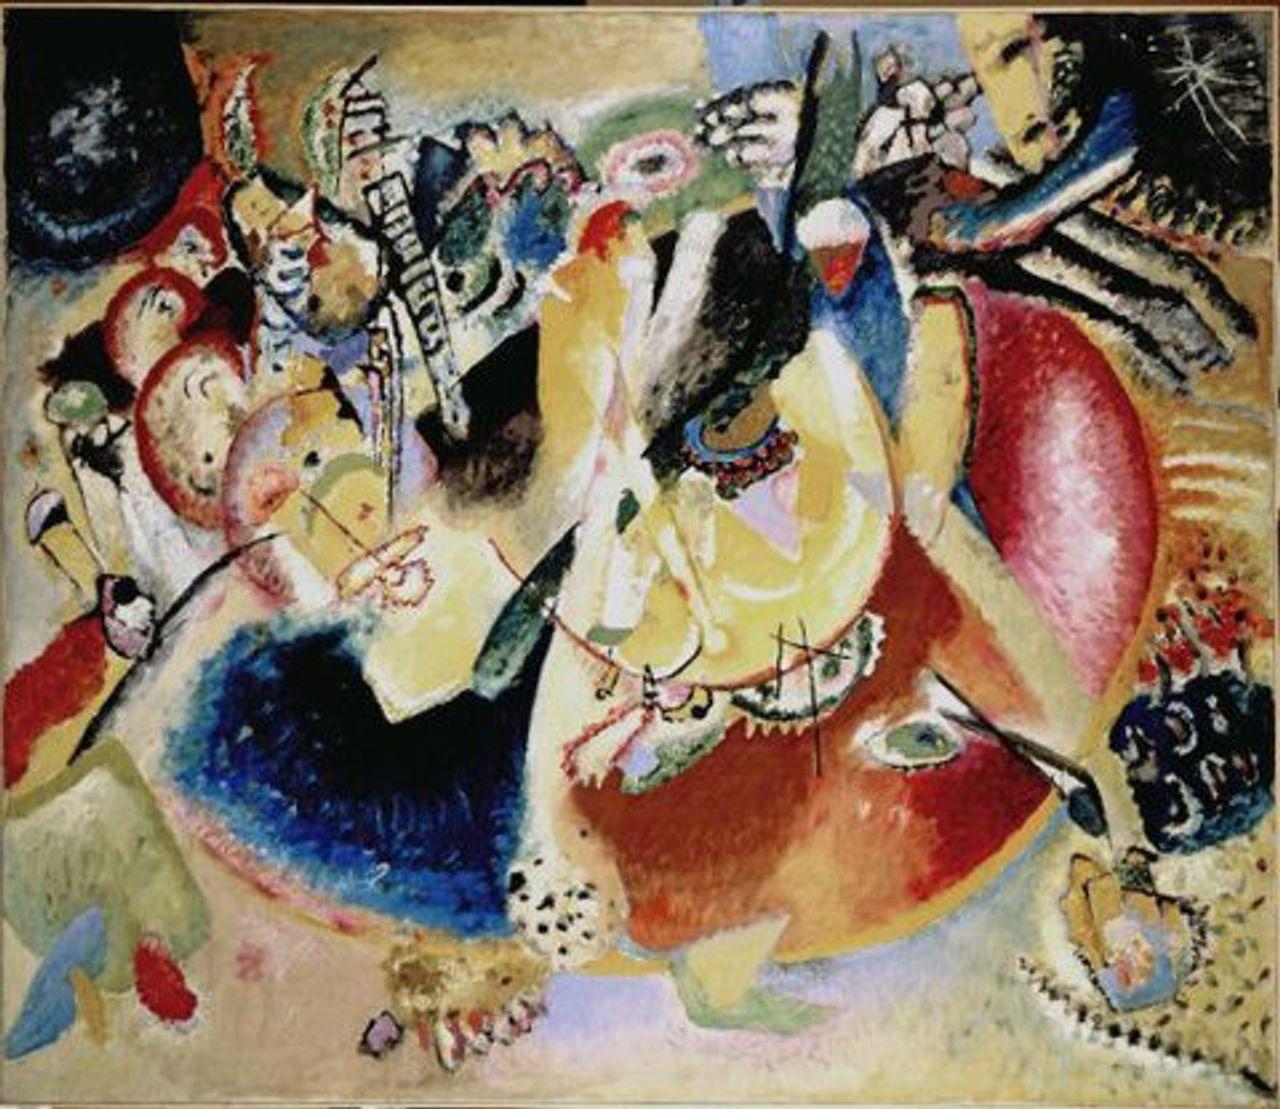 Wassily Kandinsky, Improvisation of Cold Forms